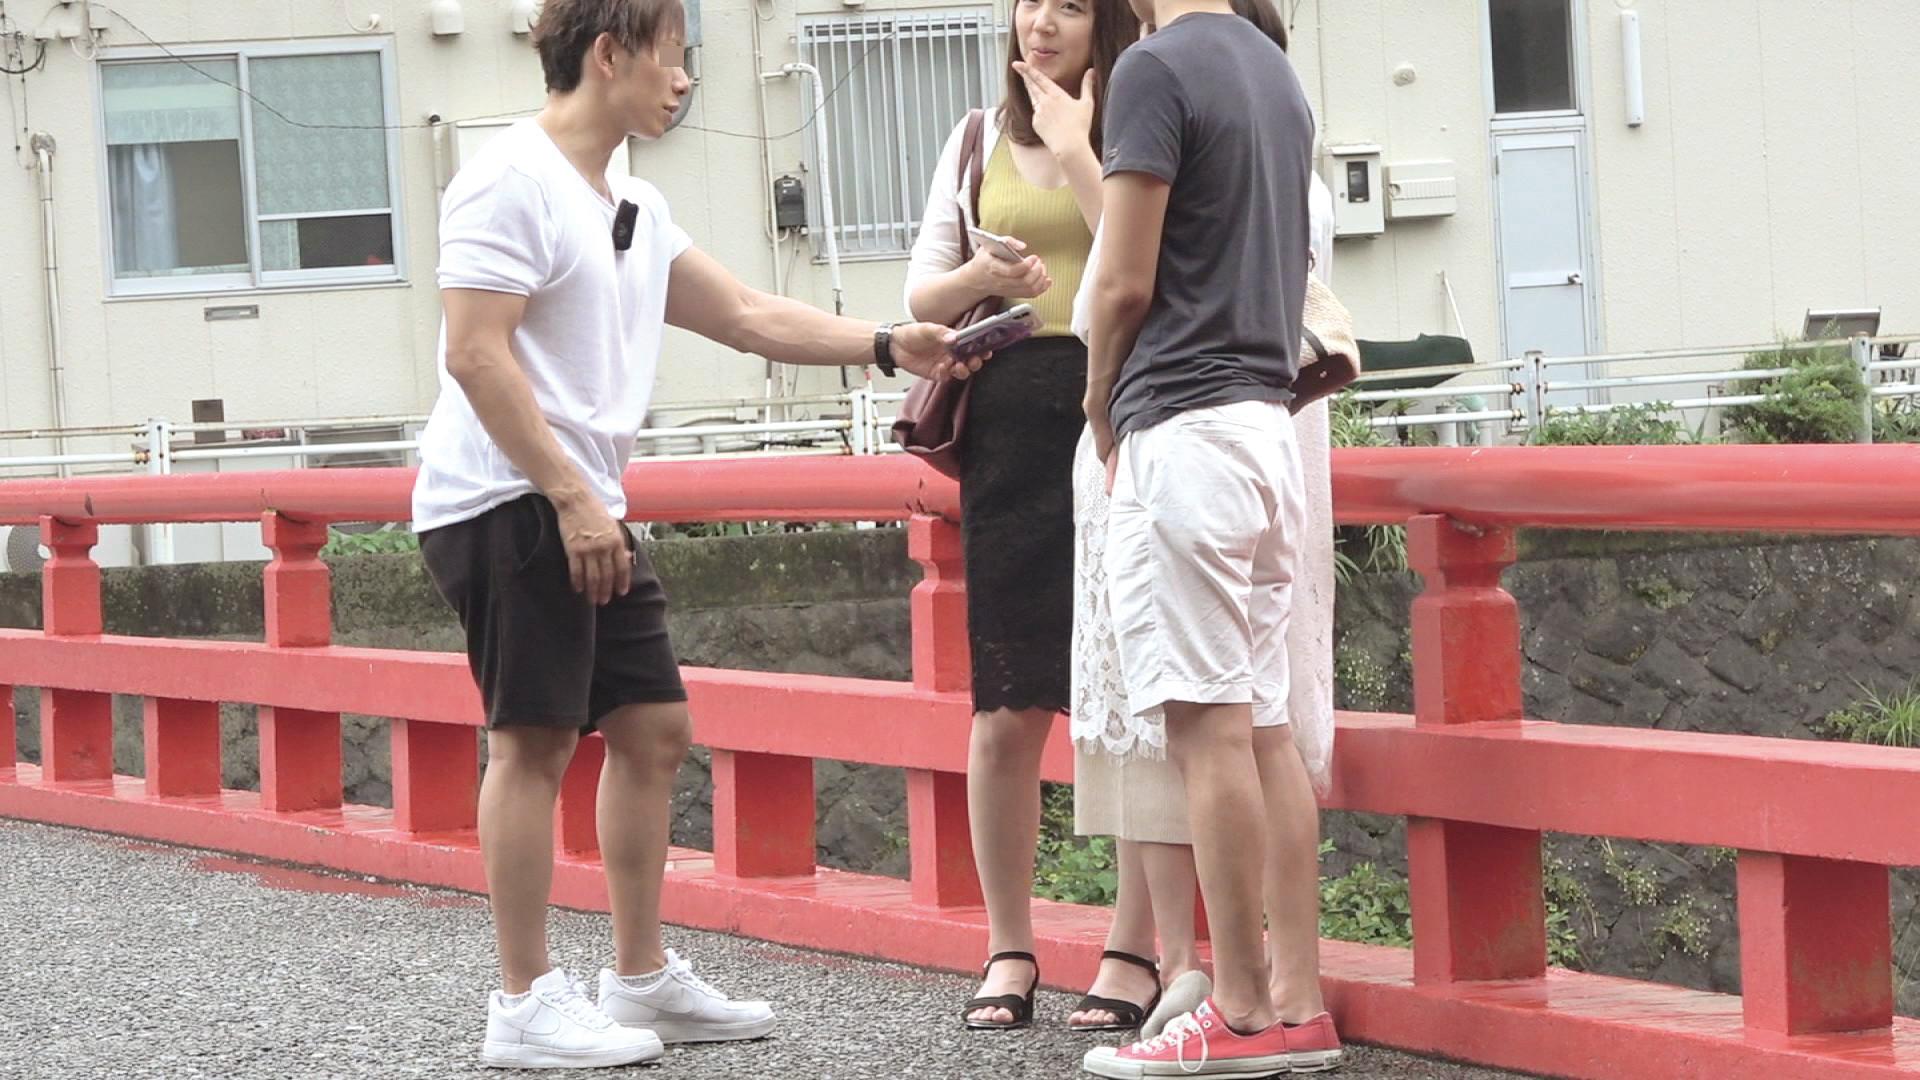 箱根で見つけた二人組の美魔女さん 早苗38歳